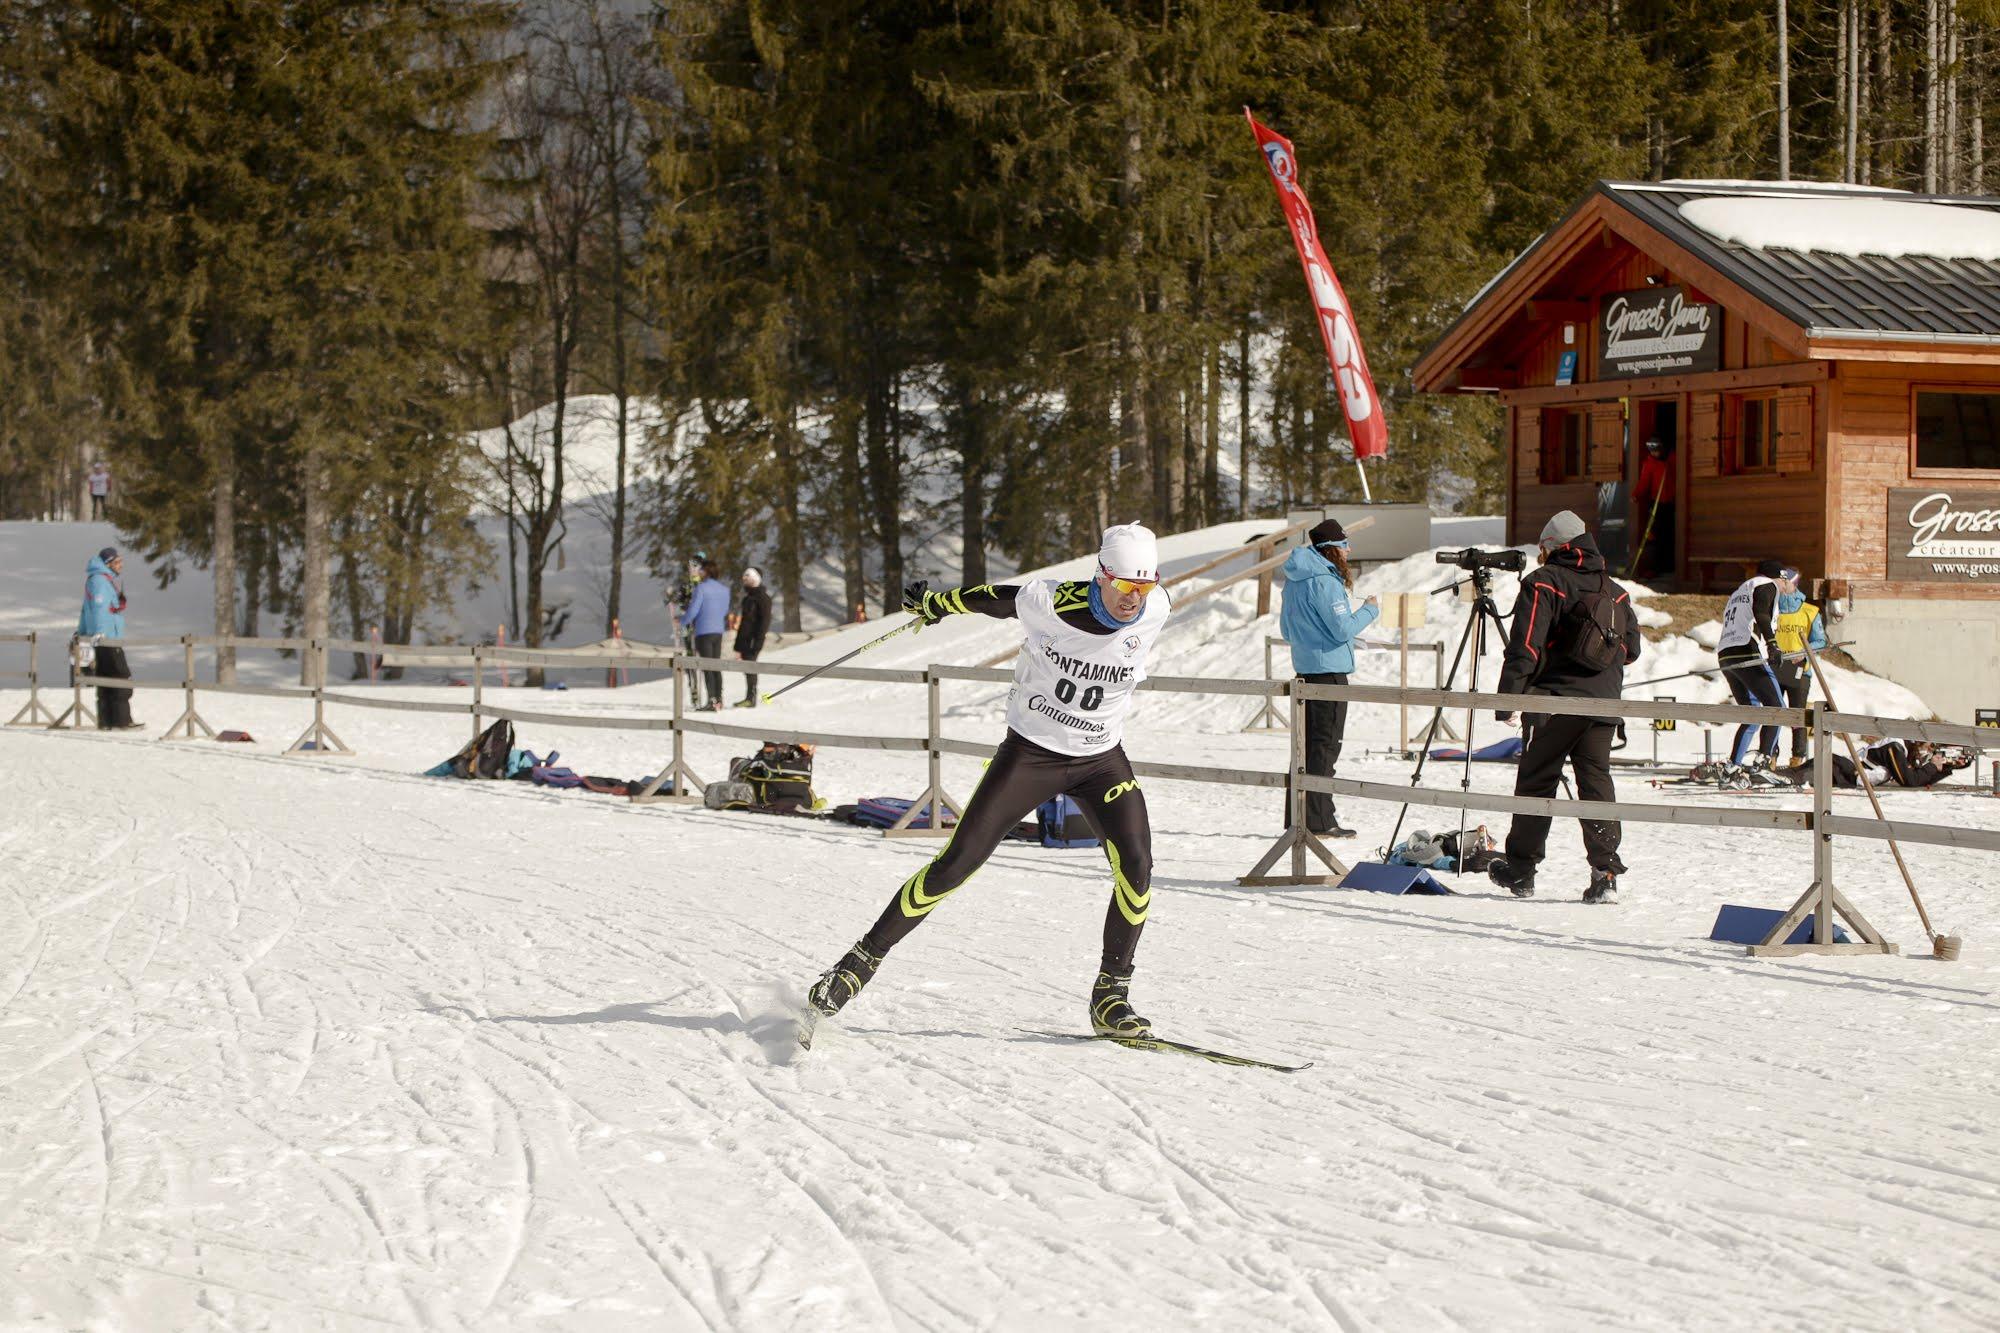 180224-BiathlonImpulse-Contamines-010